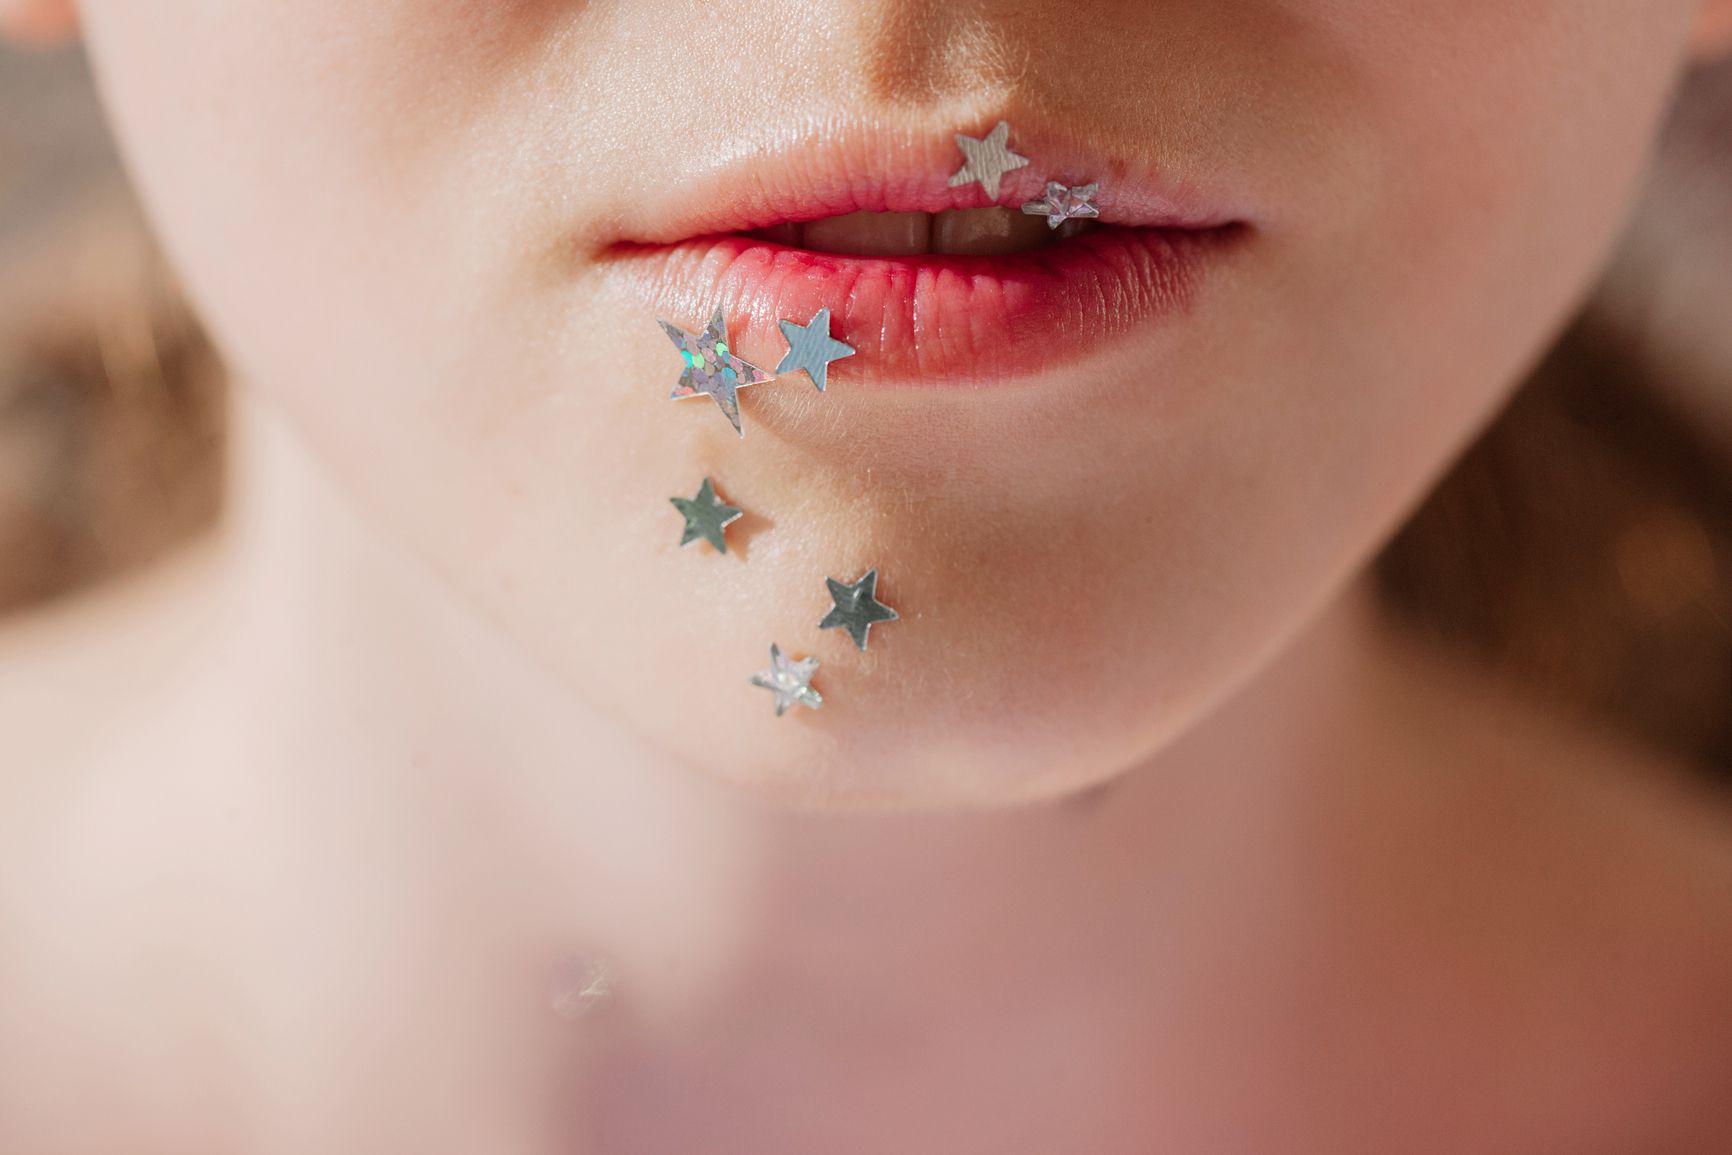 Stars on lips